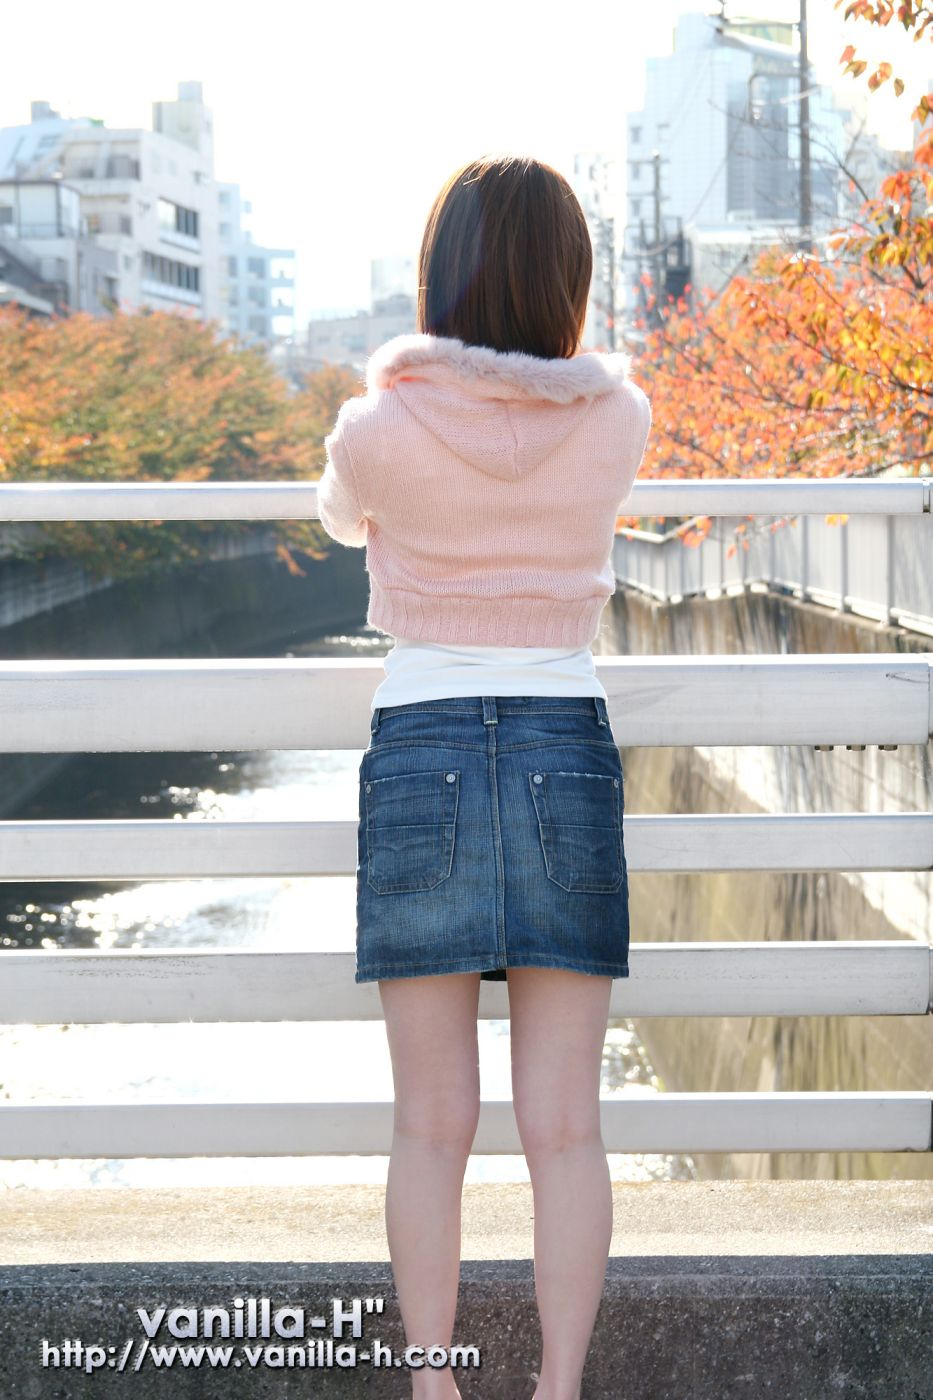 吉沢明歩 画像 67